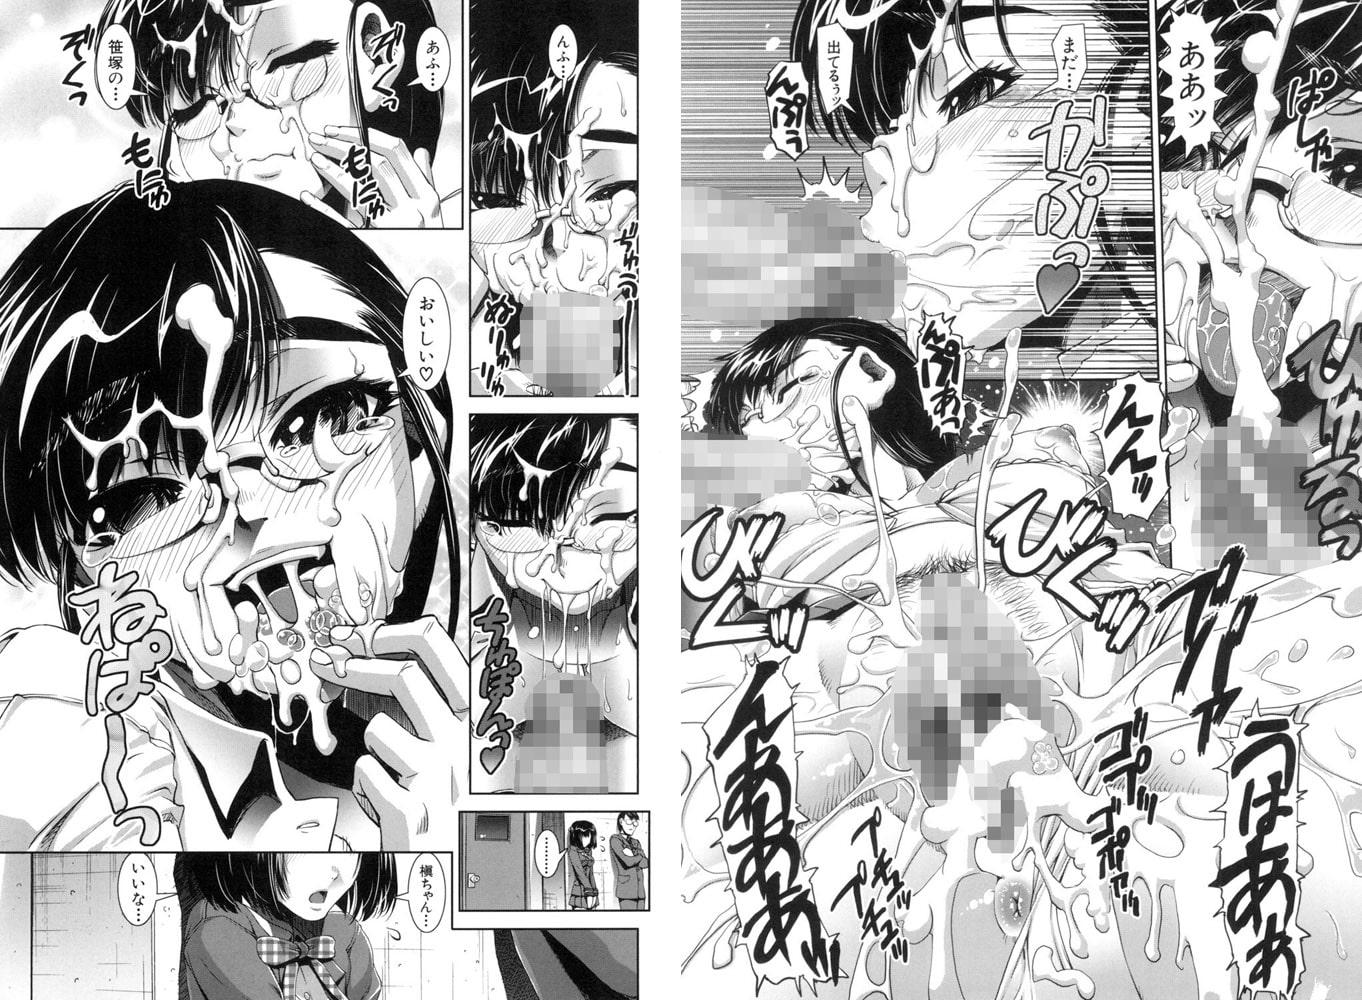 【ティーアイネット】シン・普禅(旧 しなま)先生 2冊パック(202005)